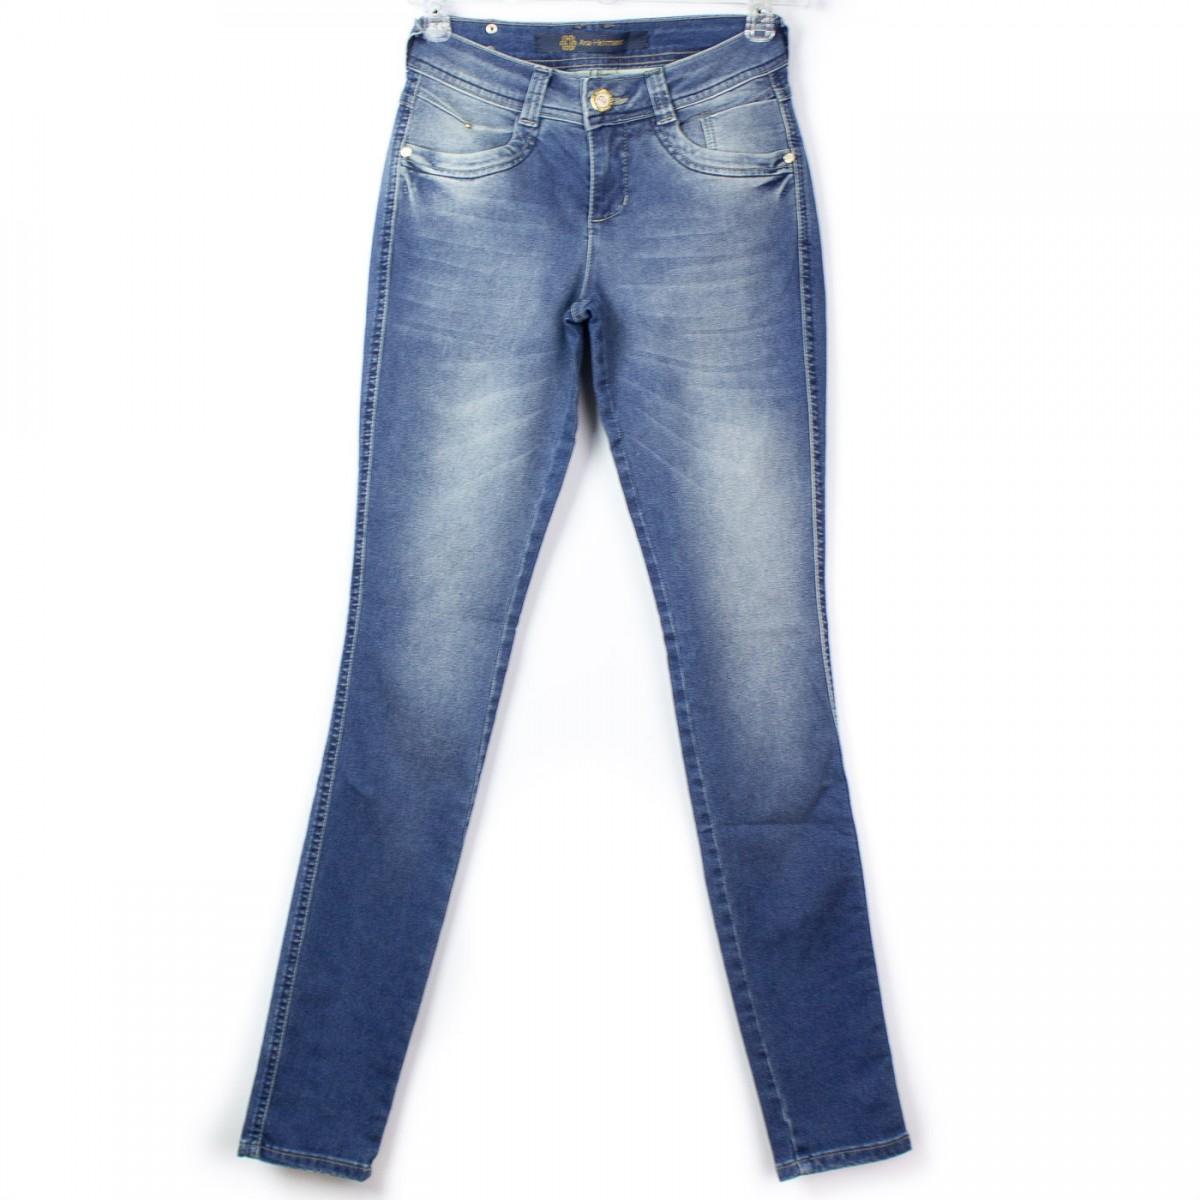 a4cabadcefc57 Imagem - Calça Jeans Ana Hickmann Skinny Low Ah1024 - 044243